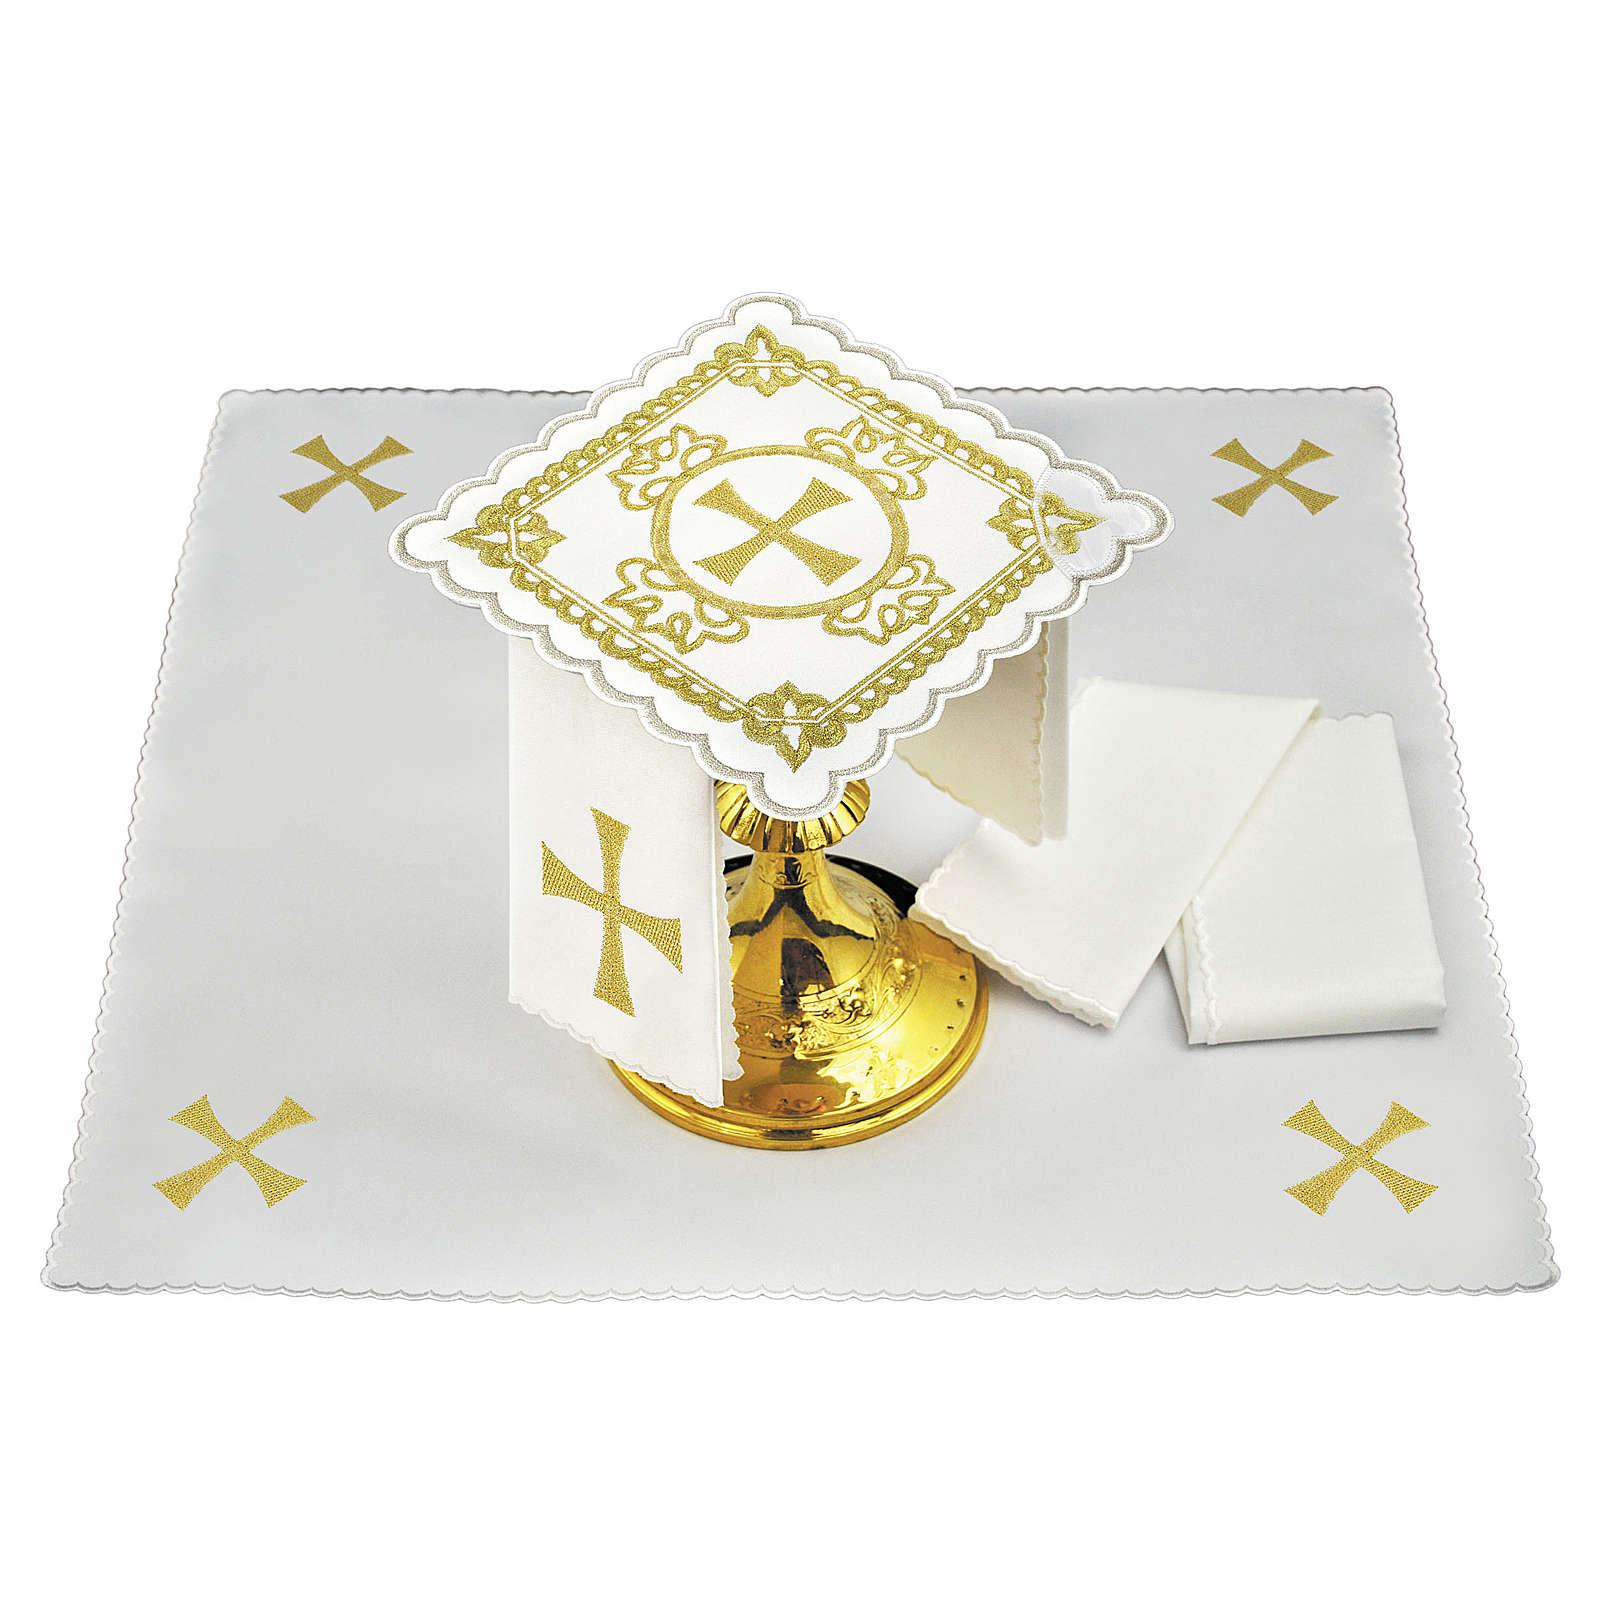 Servicio de altar hilo cruz motivos bordados dorados 4